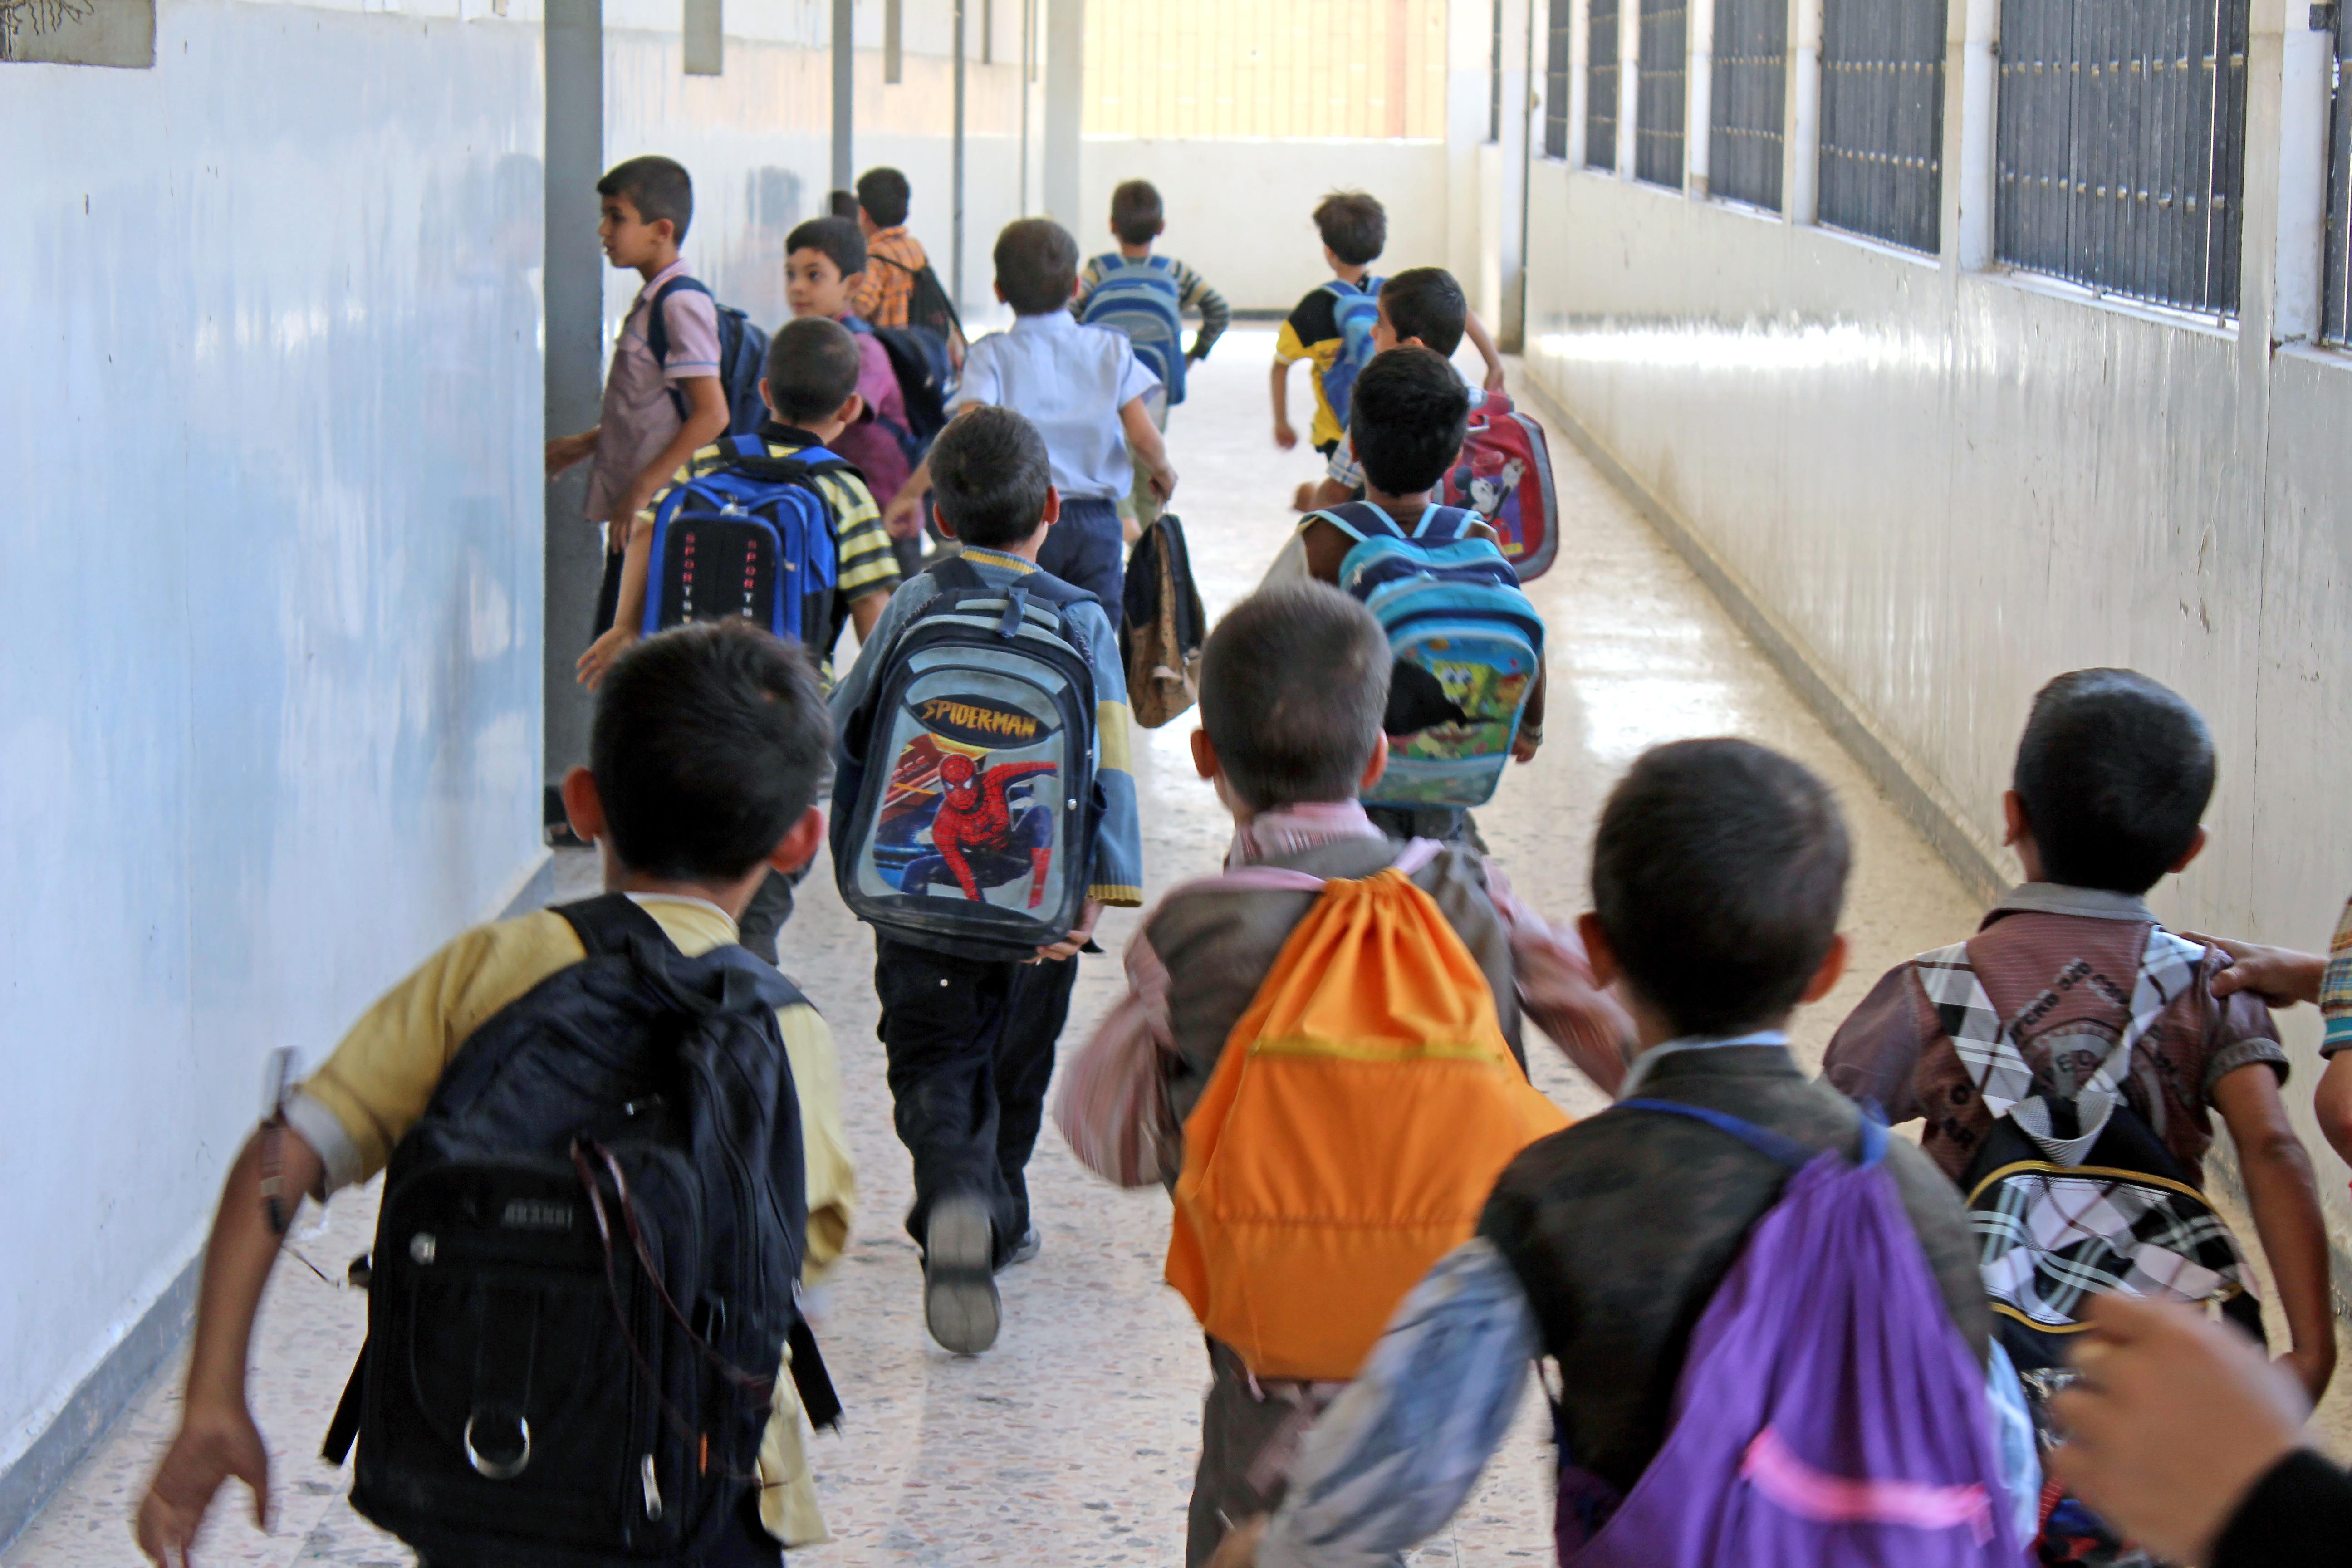 طلاب يدخلون صفًا في مدرسة بدوما (عنب بلدي)